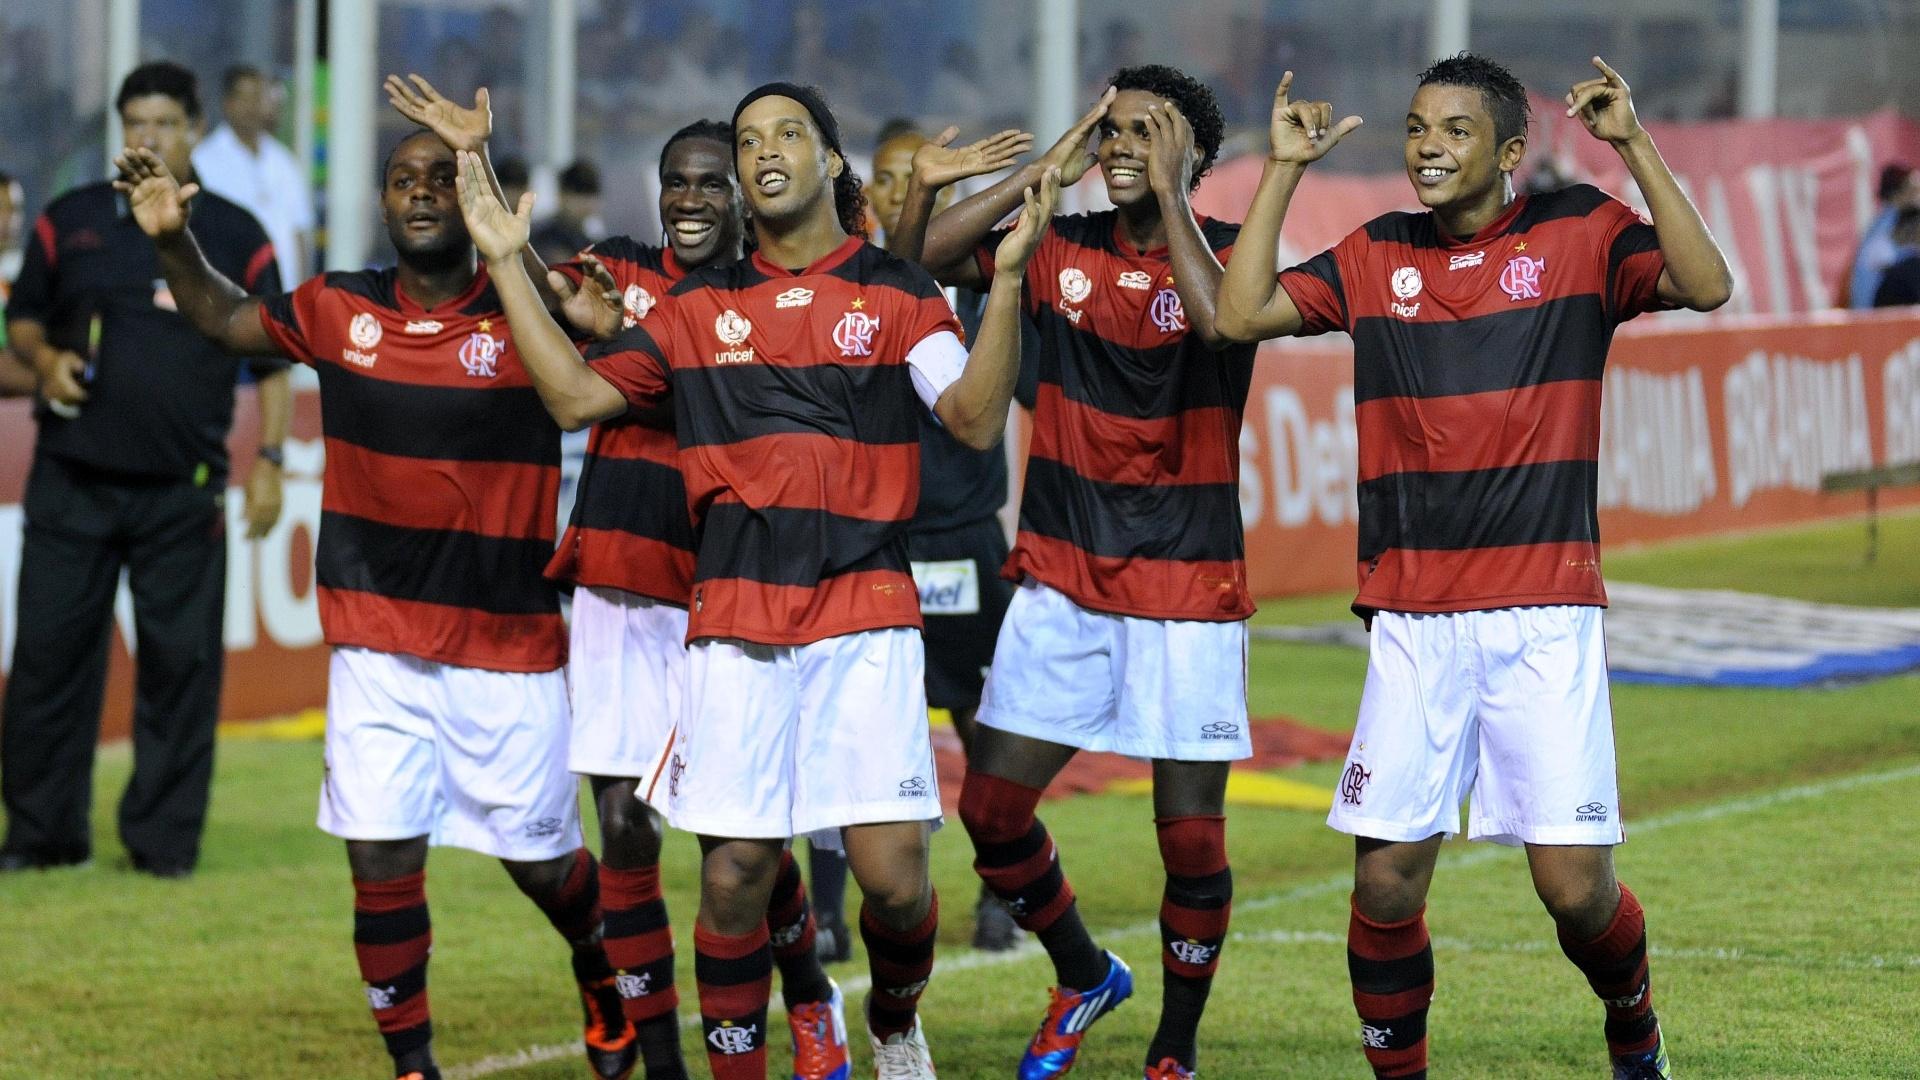 Jogadores do Flamengo ensaiam dança para comemorar gol de Ronaldinho Gaúcho contra Duque de Caxias